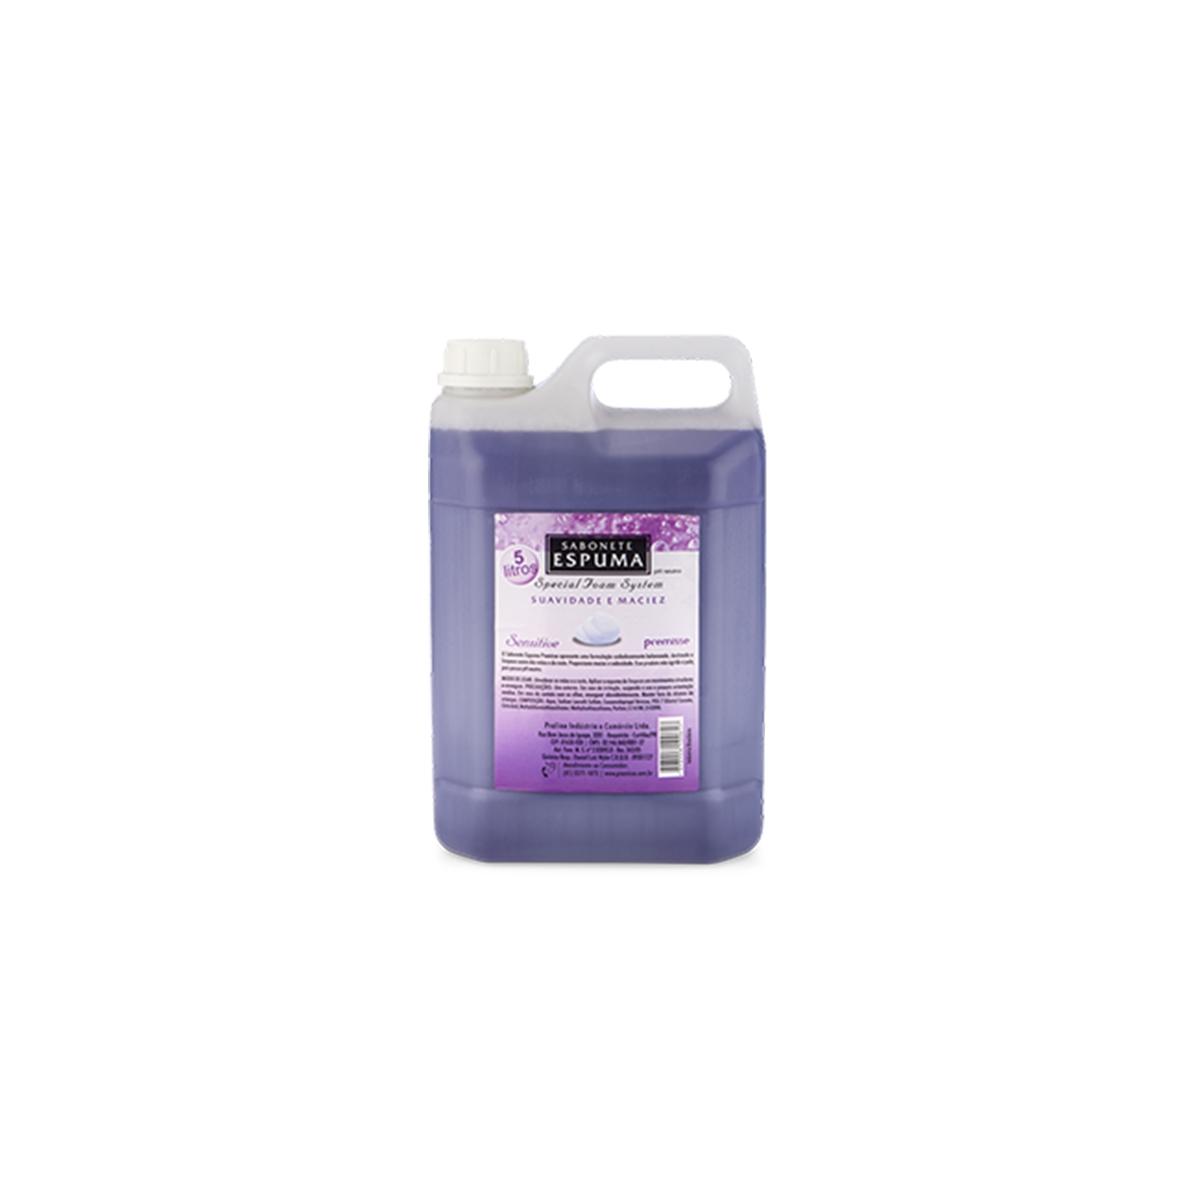 CÓD. 10210 - Sabonete em Espuma Sensitive - 5 LTS